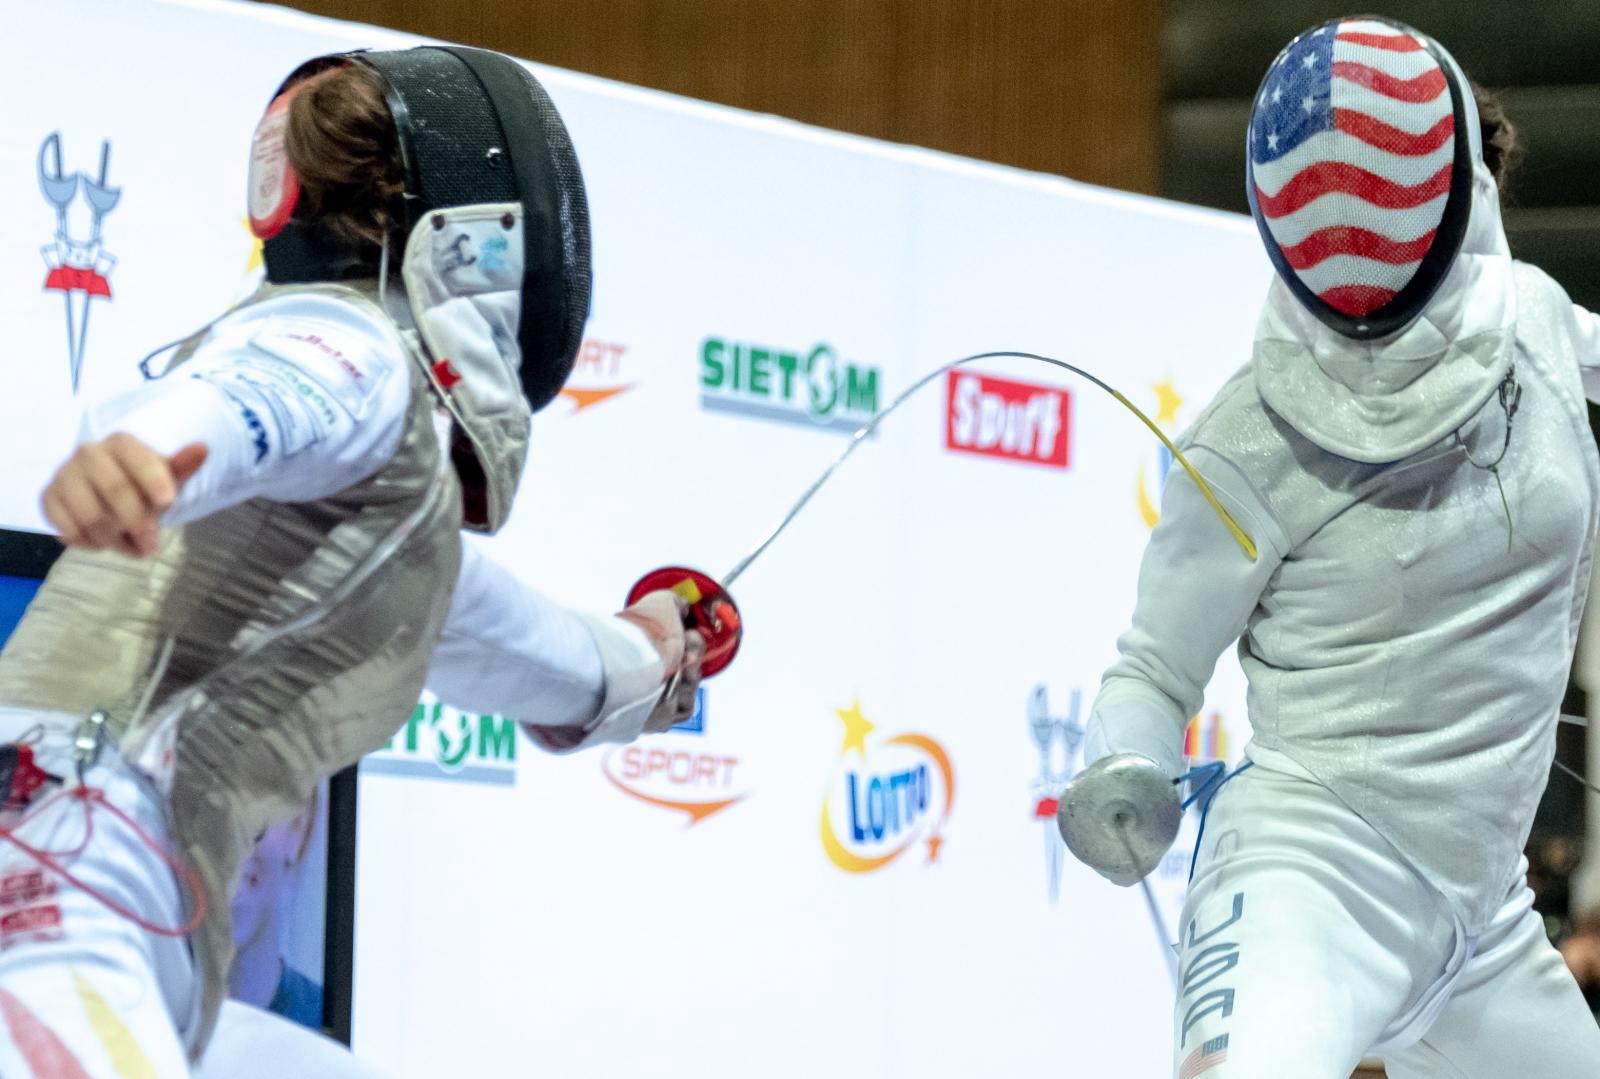 Amerykanka Lee Kiefer (P) i Niemka Leonie Ebert (L) podczas półfinałowego pojedynku zawodów Pucharu Świata florecistek w Katowicach. Fot. PAP/Andrzej Grygiel